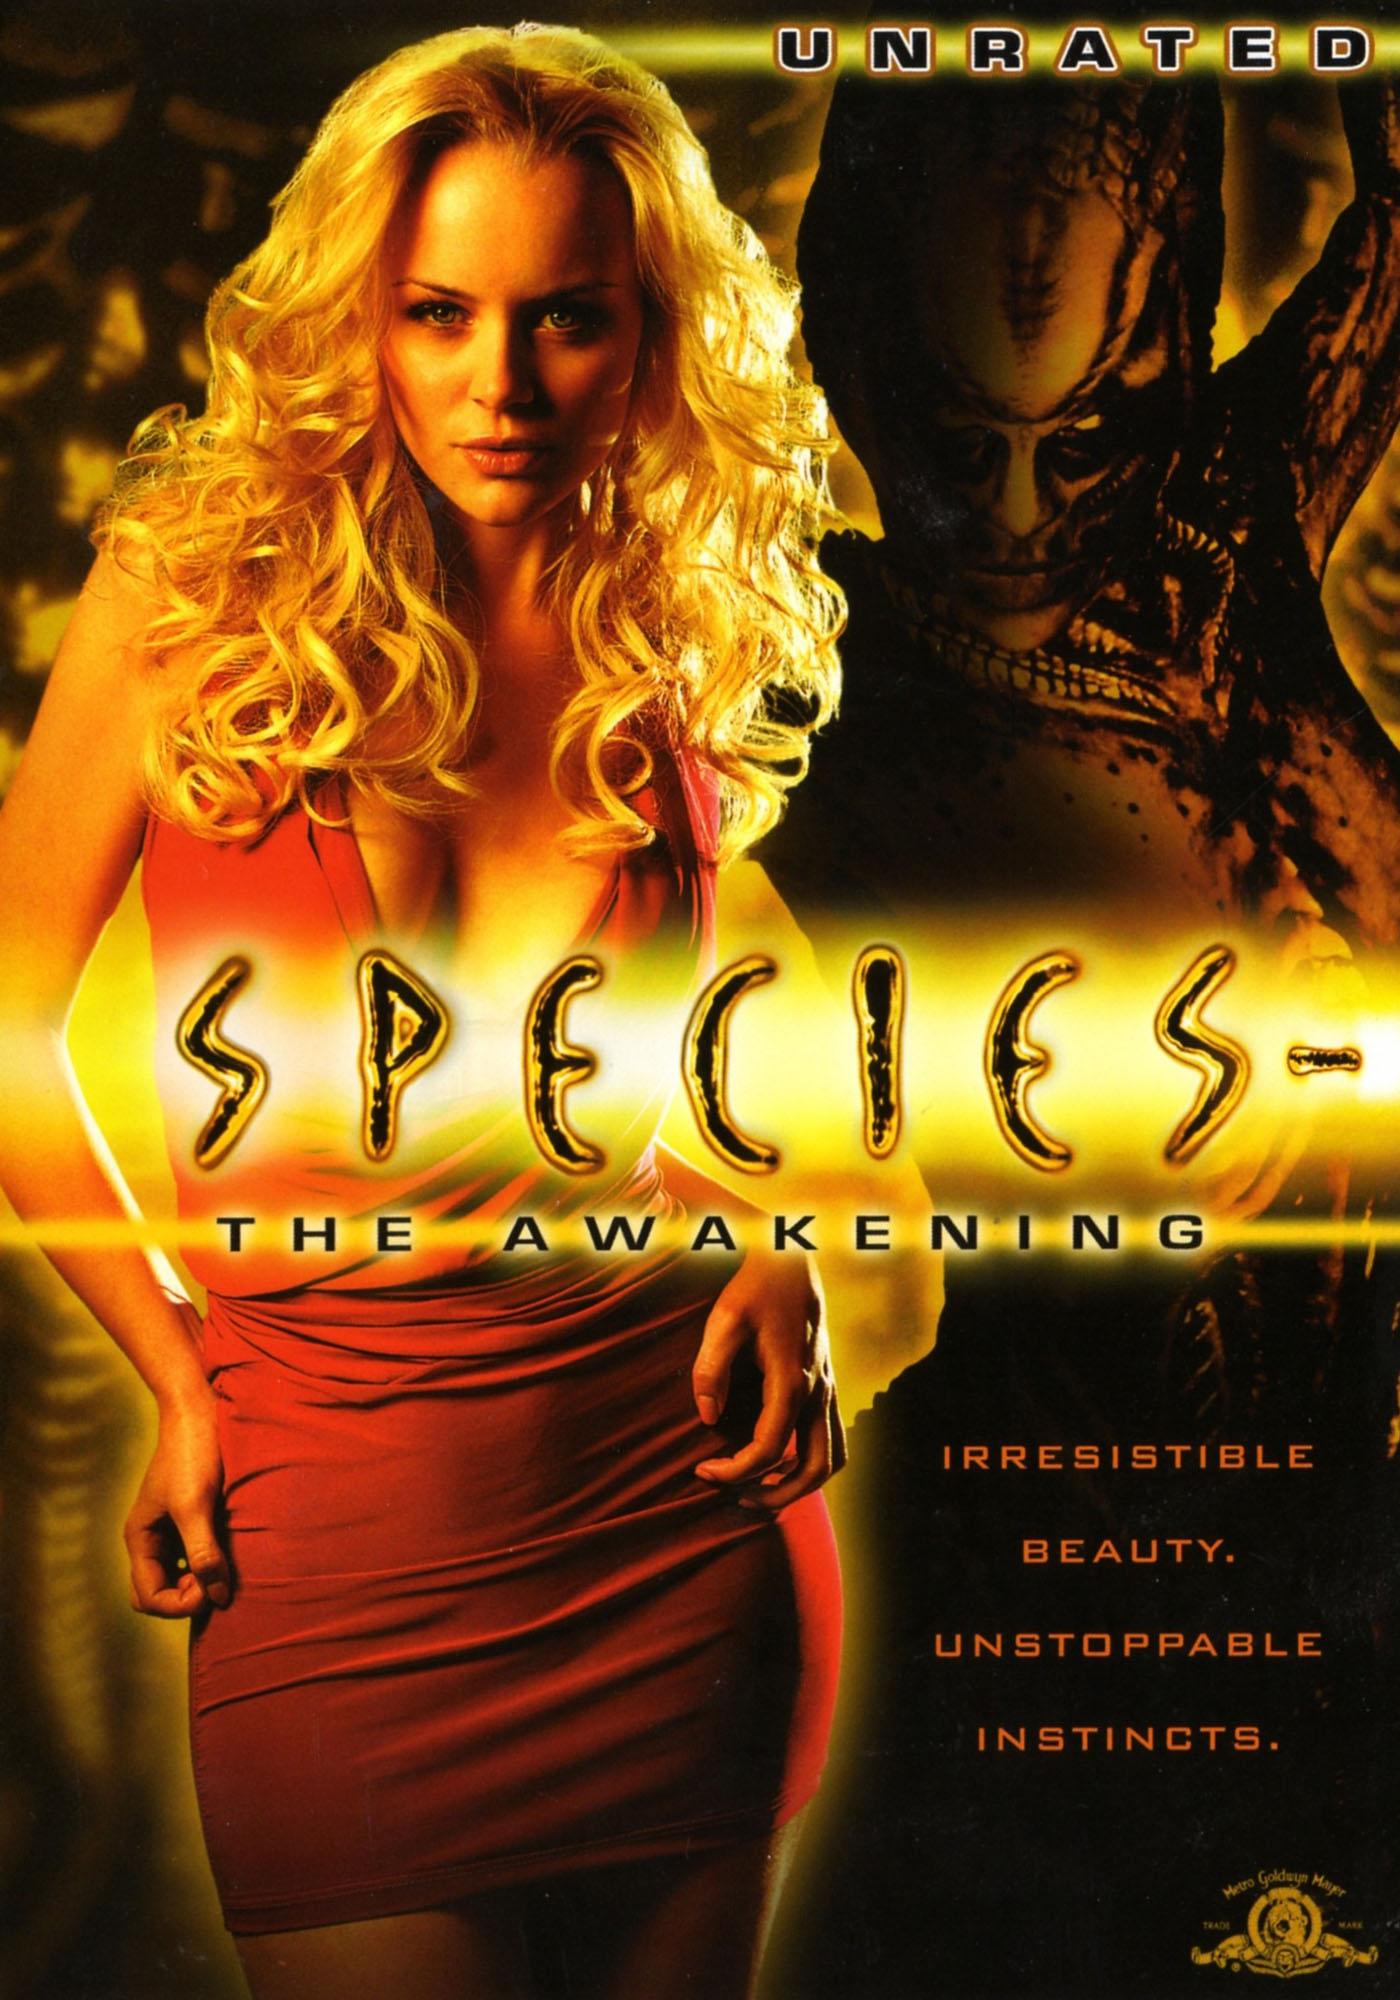 SpeciesIV